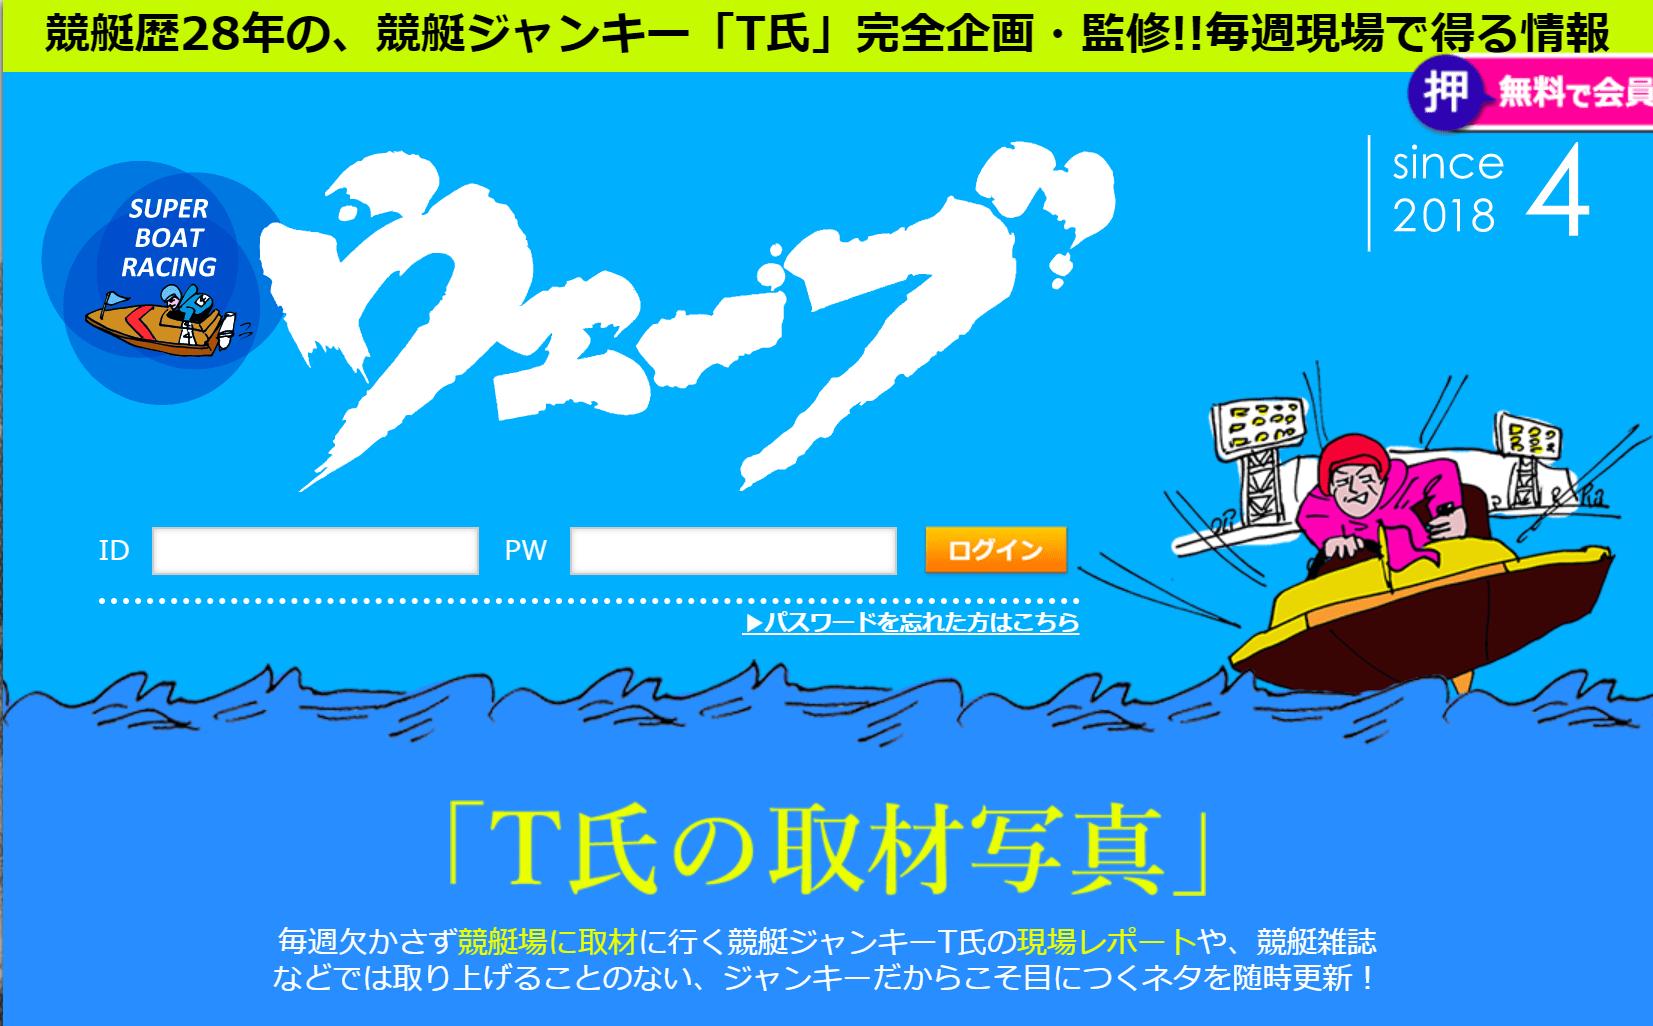 競艇ウェーブ_TOPイメージ